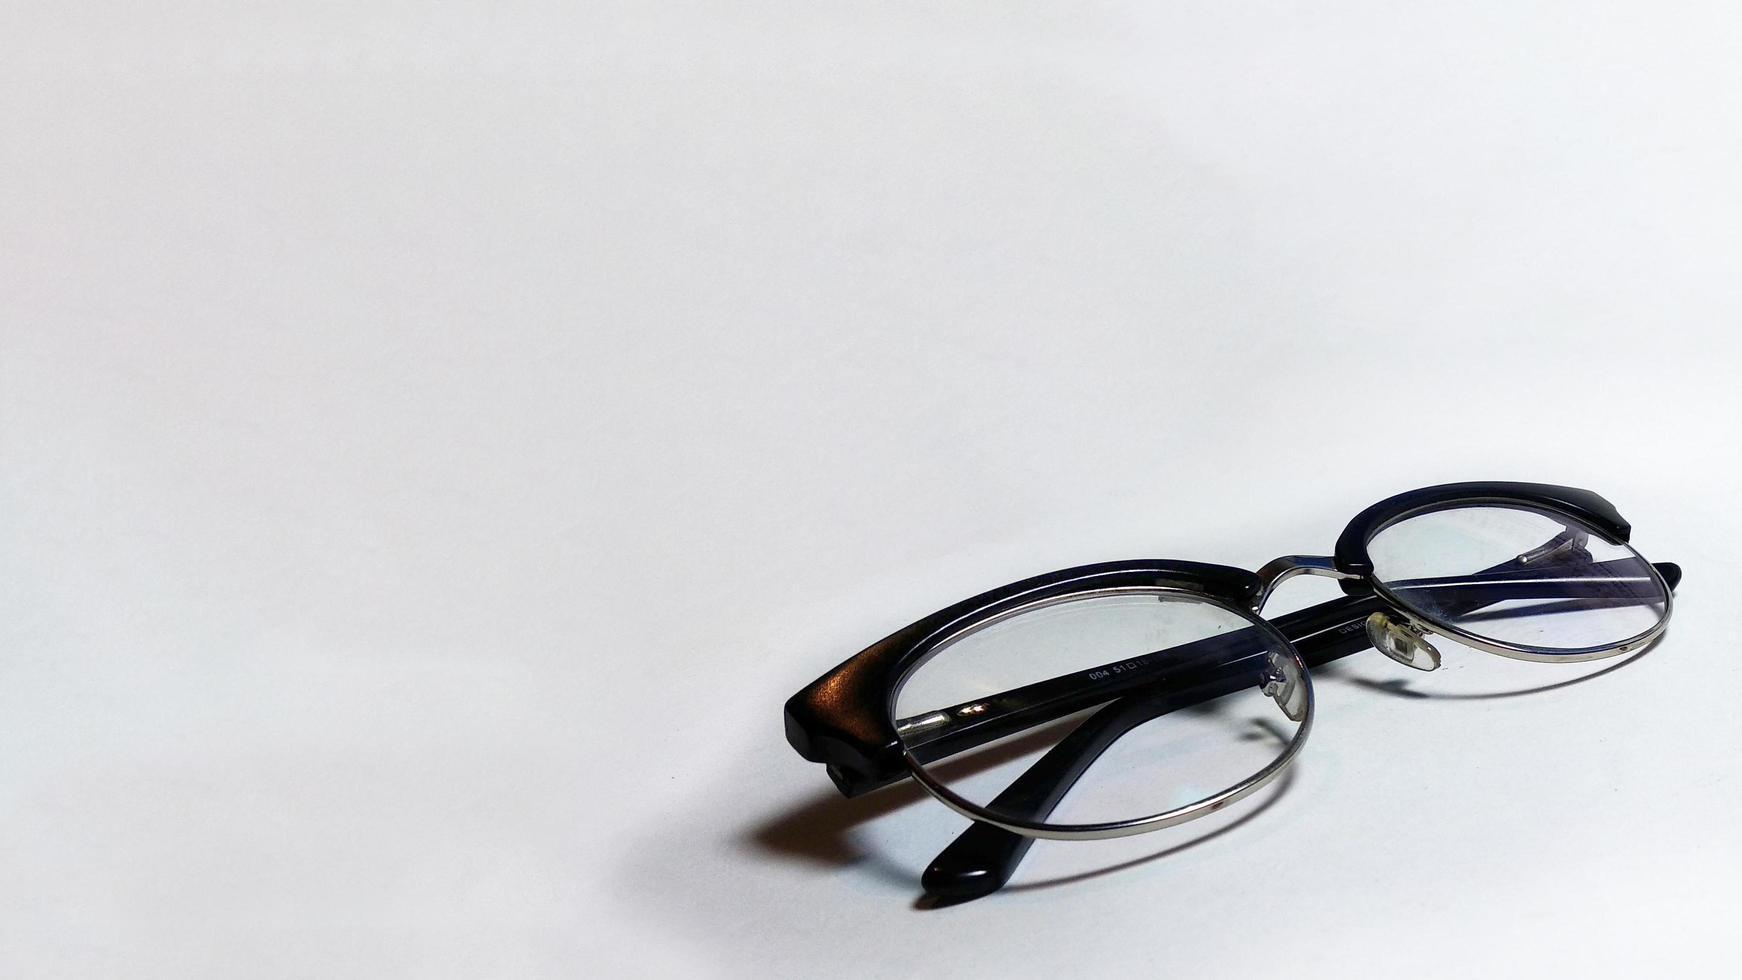 Brillenspezifikationen in Perspektive auf sauberen und isolierten Hintergrund foto